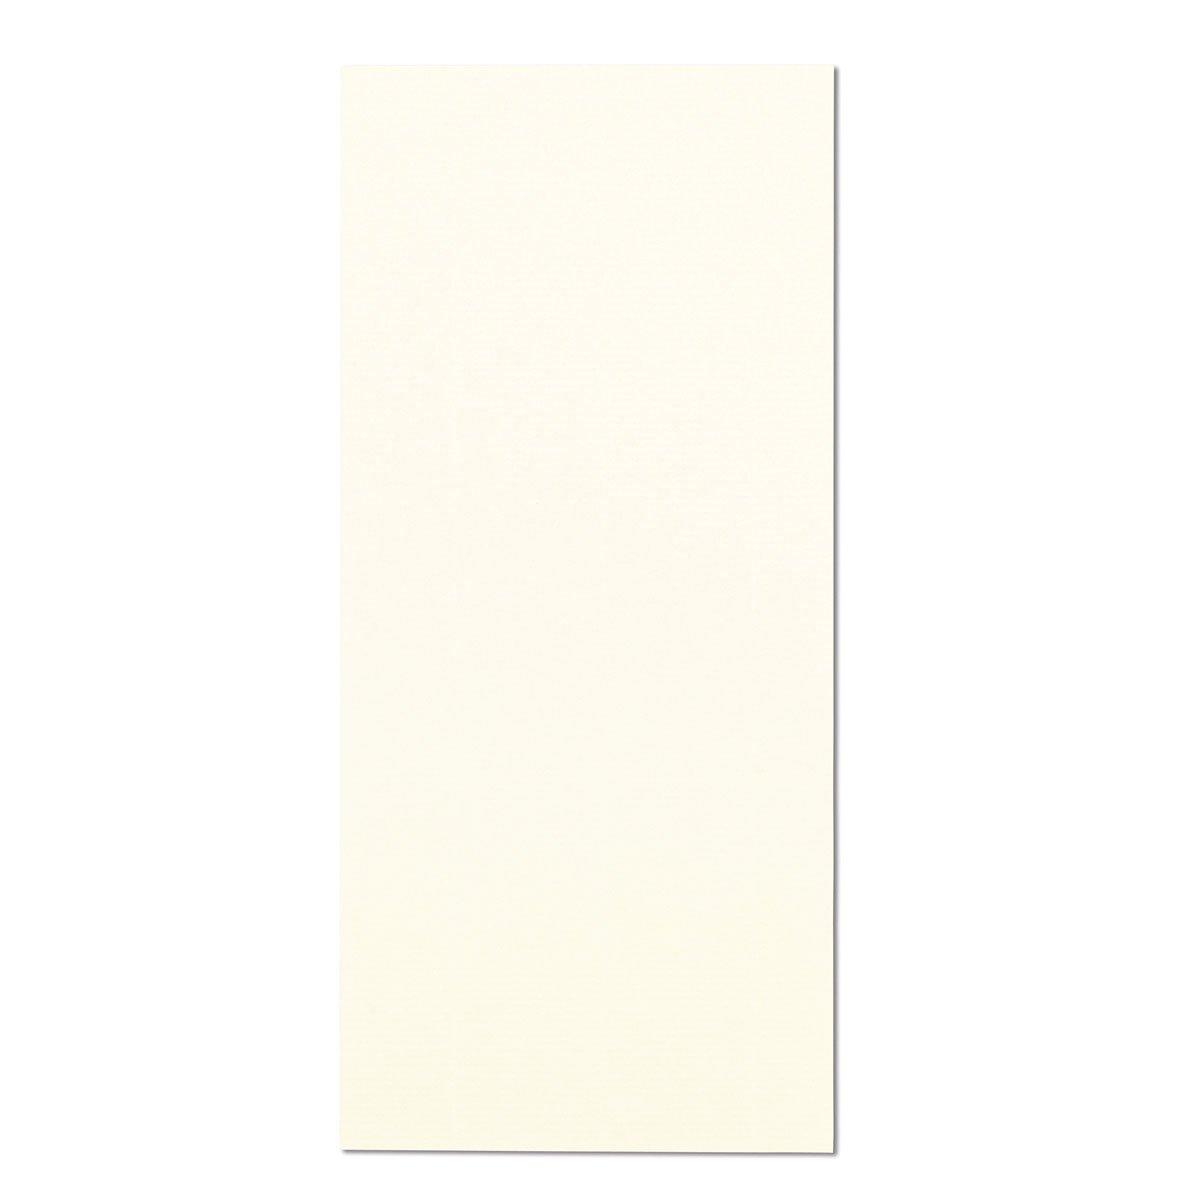 Rössler Papier - - P.S. Einlegekarte 92x202, Ivory gerippt, 160 160 160 g m² B07CX4SX2M | Neues Design  2e5815